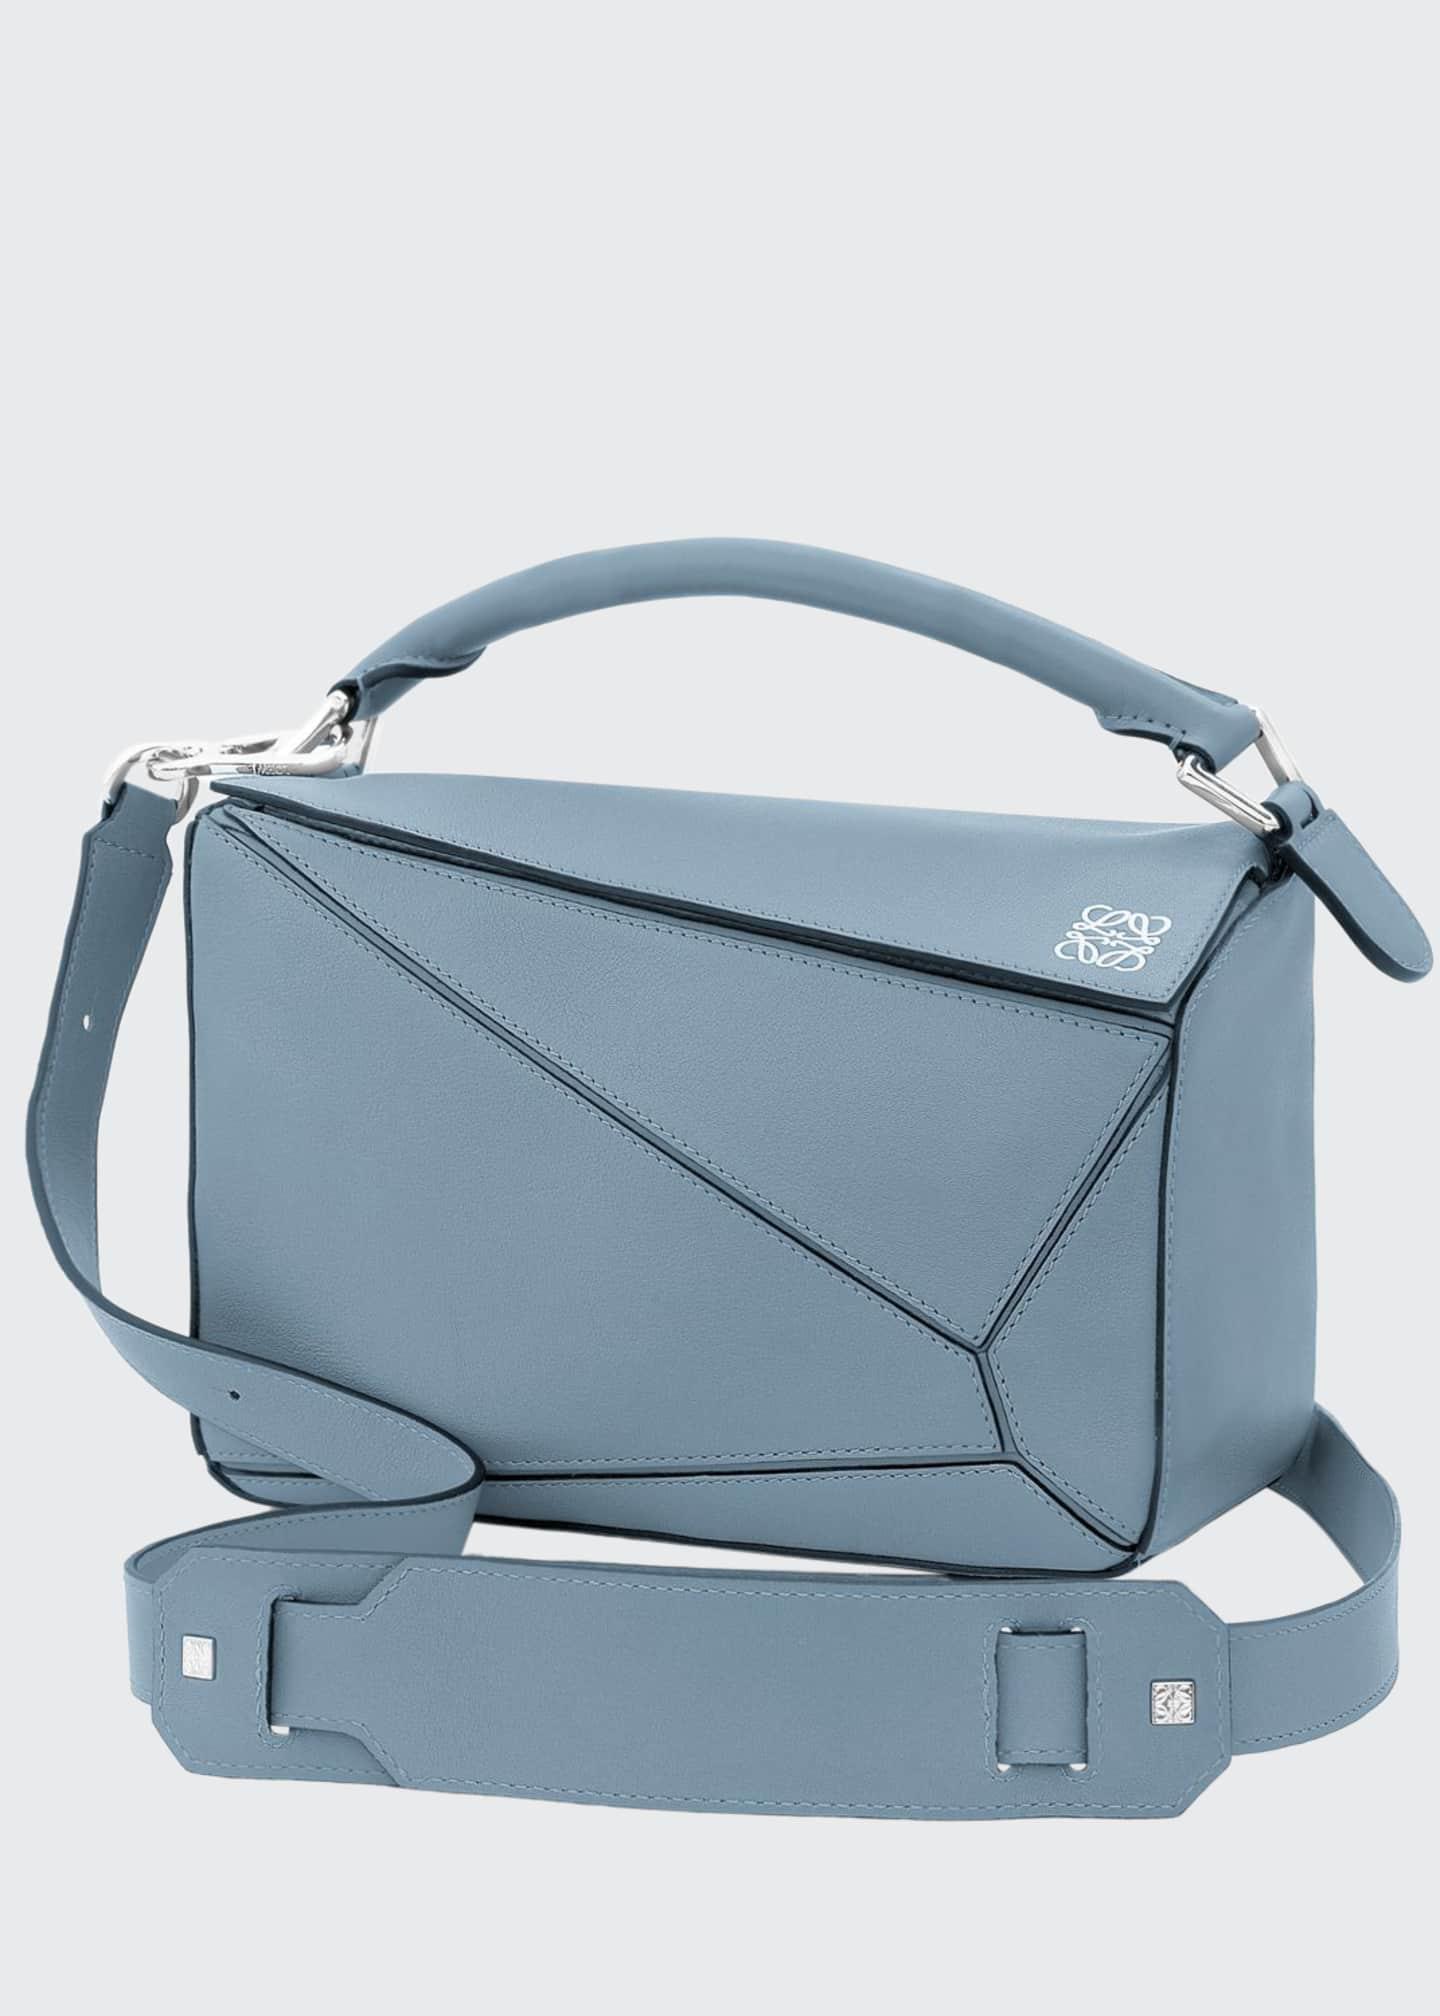 Loewe Small Calfskin Puzzle Bag, Black